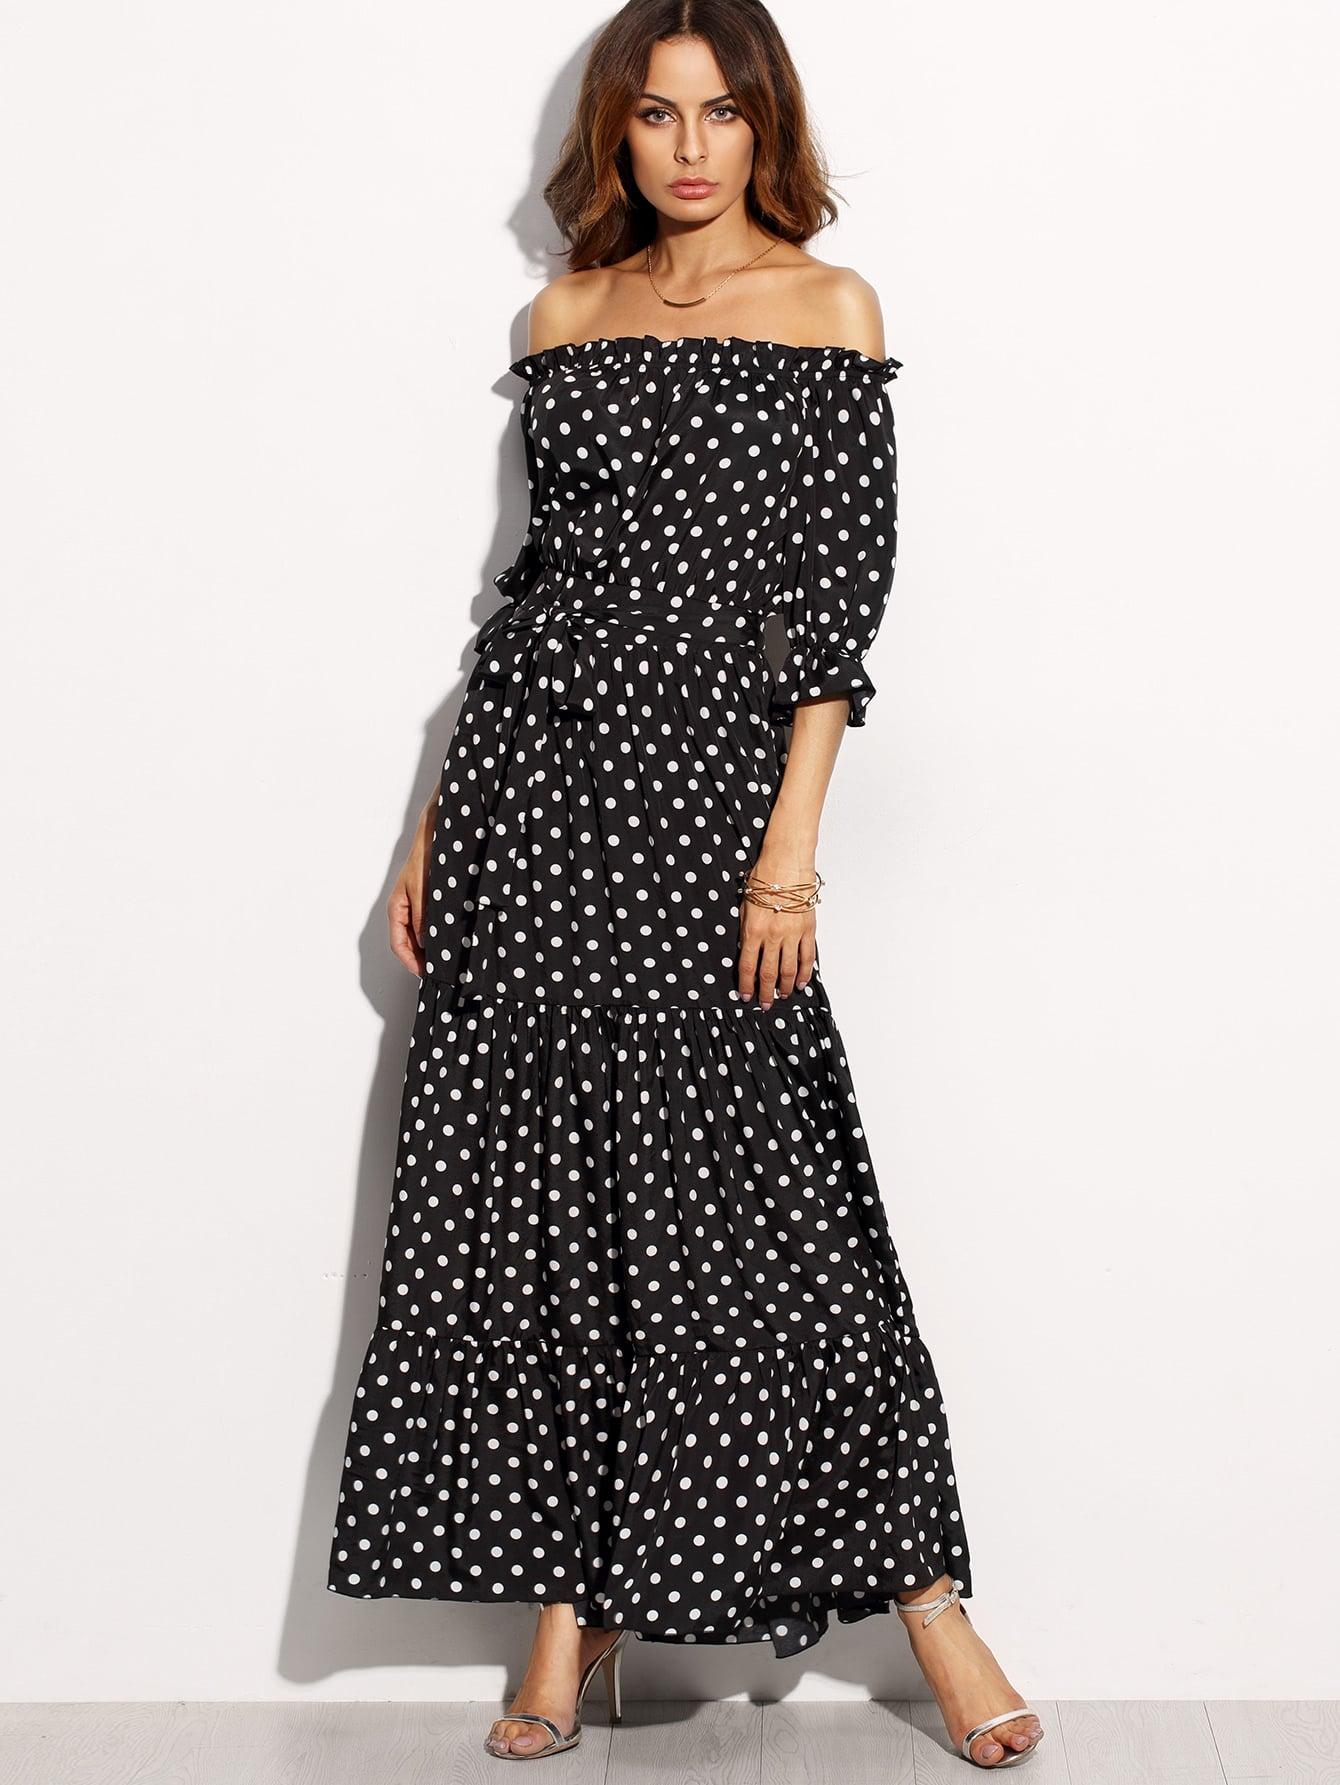 dress160726504_3